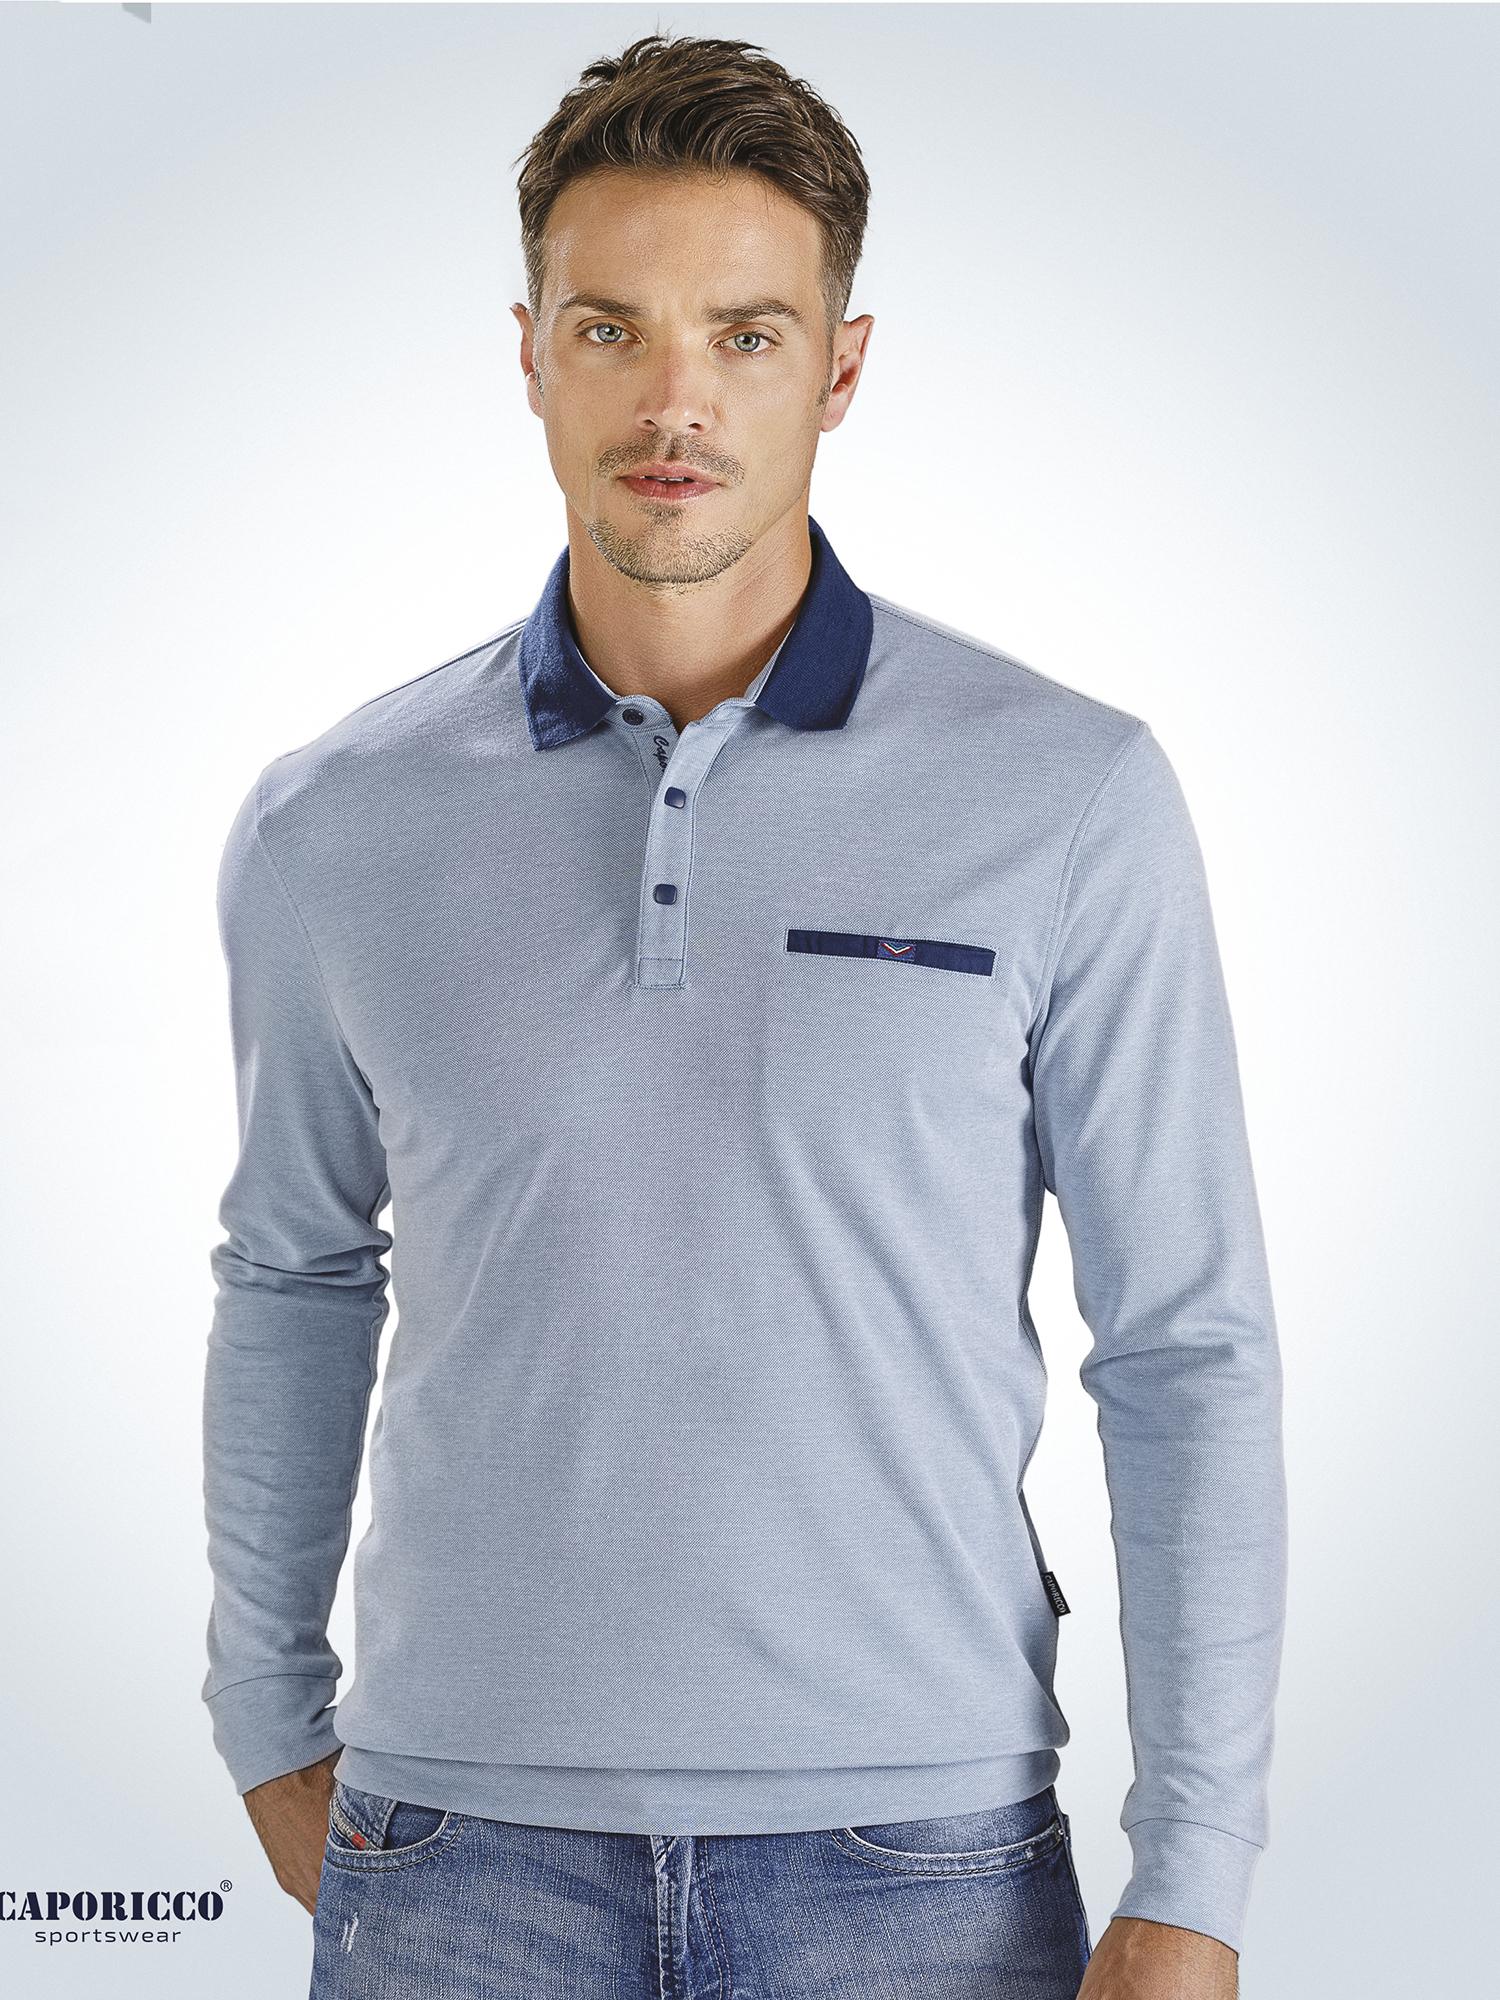 Рубашка поло Caporicco А. 9237